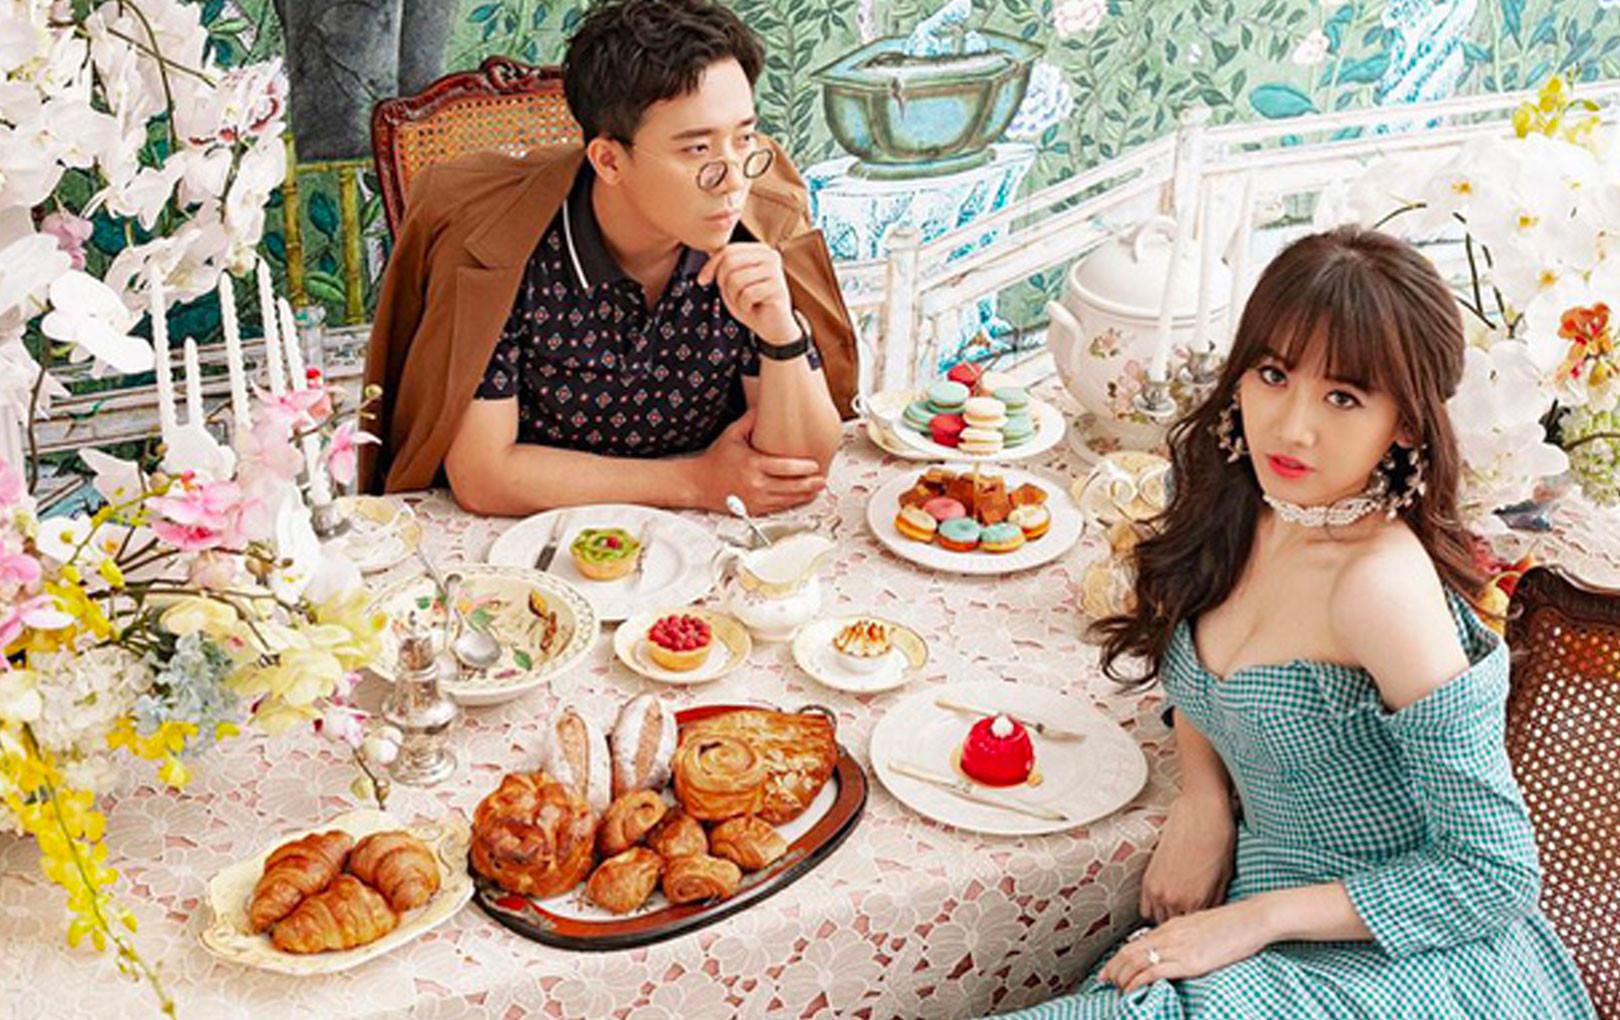 """Trấn Thành hào hứng khoe sớm dự đoán Khánh Vân là Tân Hoa hậu, Hari Won liền vào """"cà khịa"""" cực đáng yêu!"""